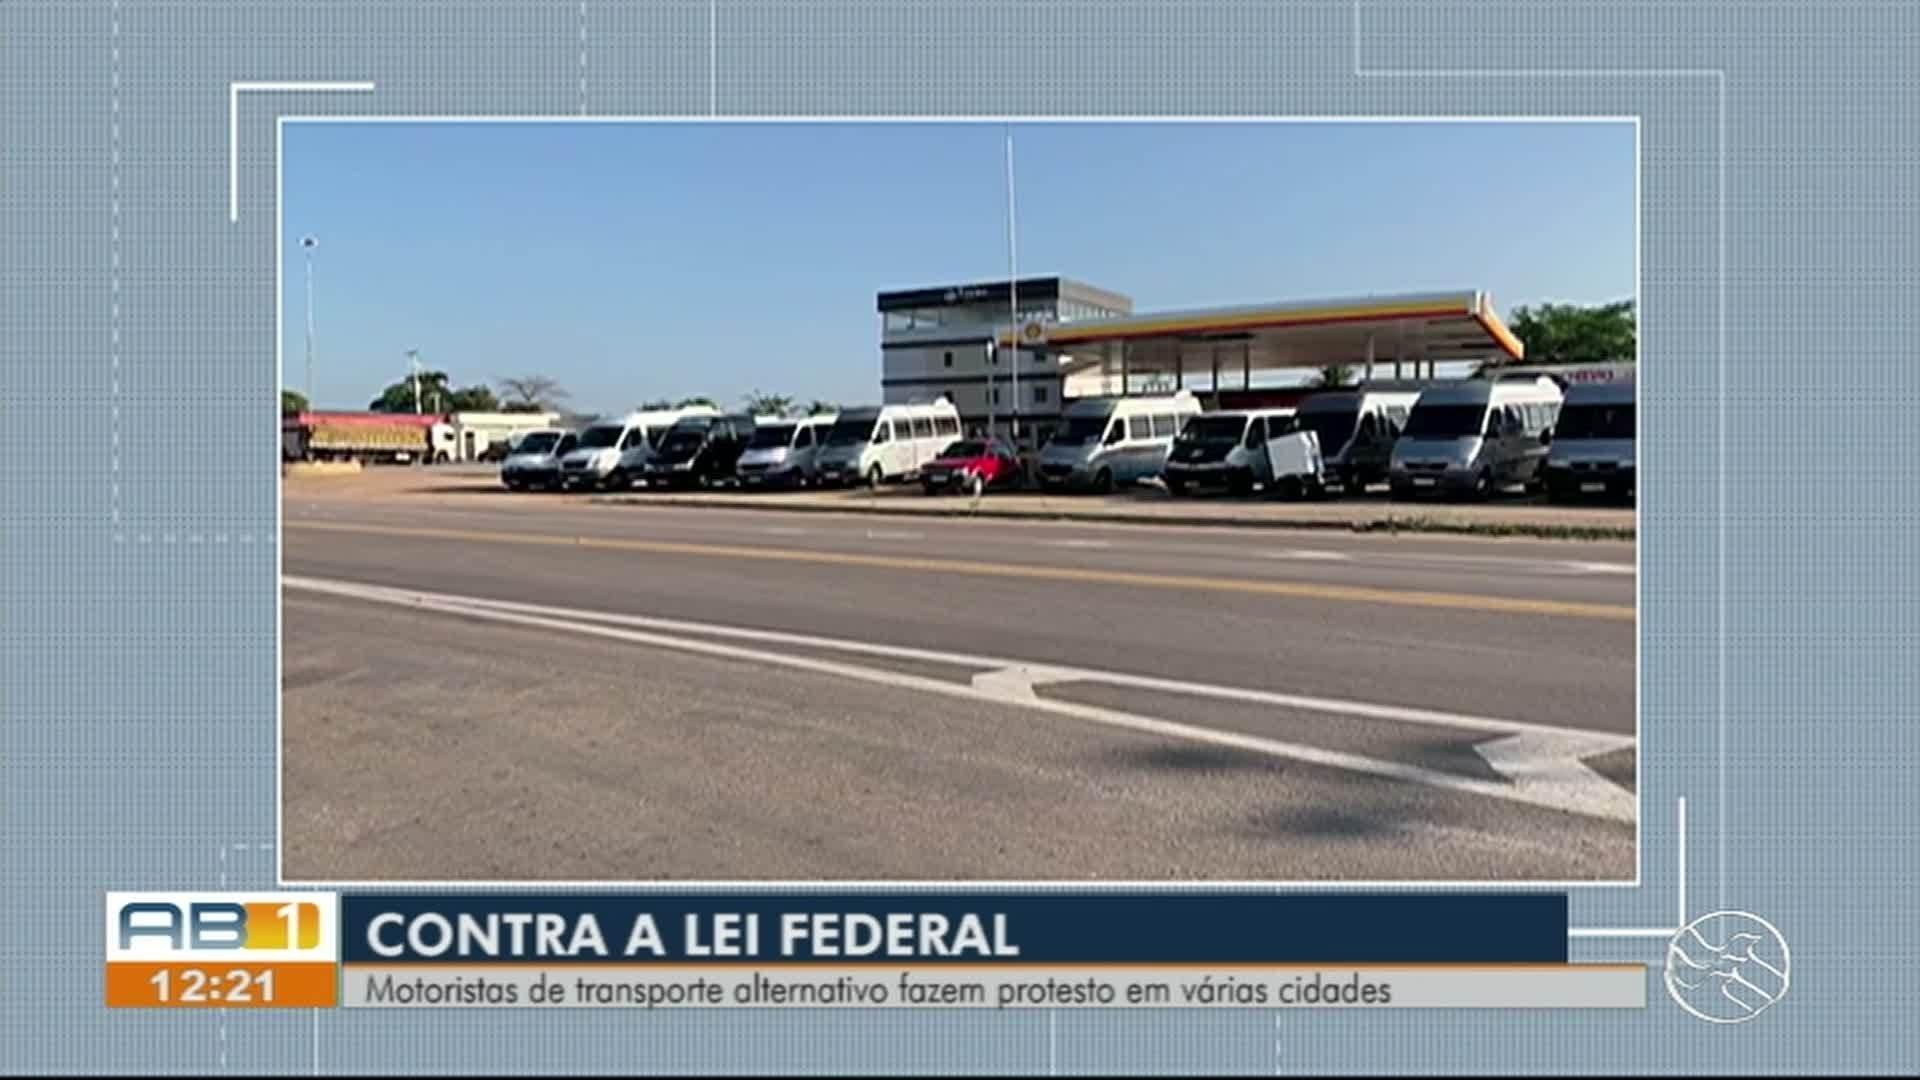 Filho de 14 anos é suspeito de matar pai a golpes de martelo em Toritama - Notícias - Plantão Diário